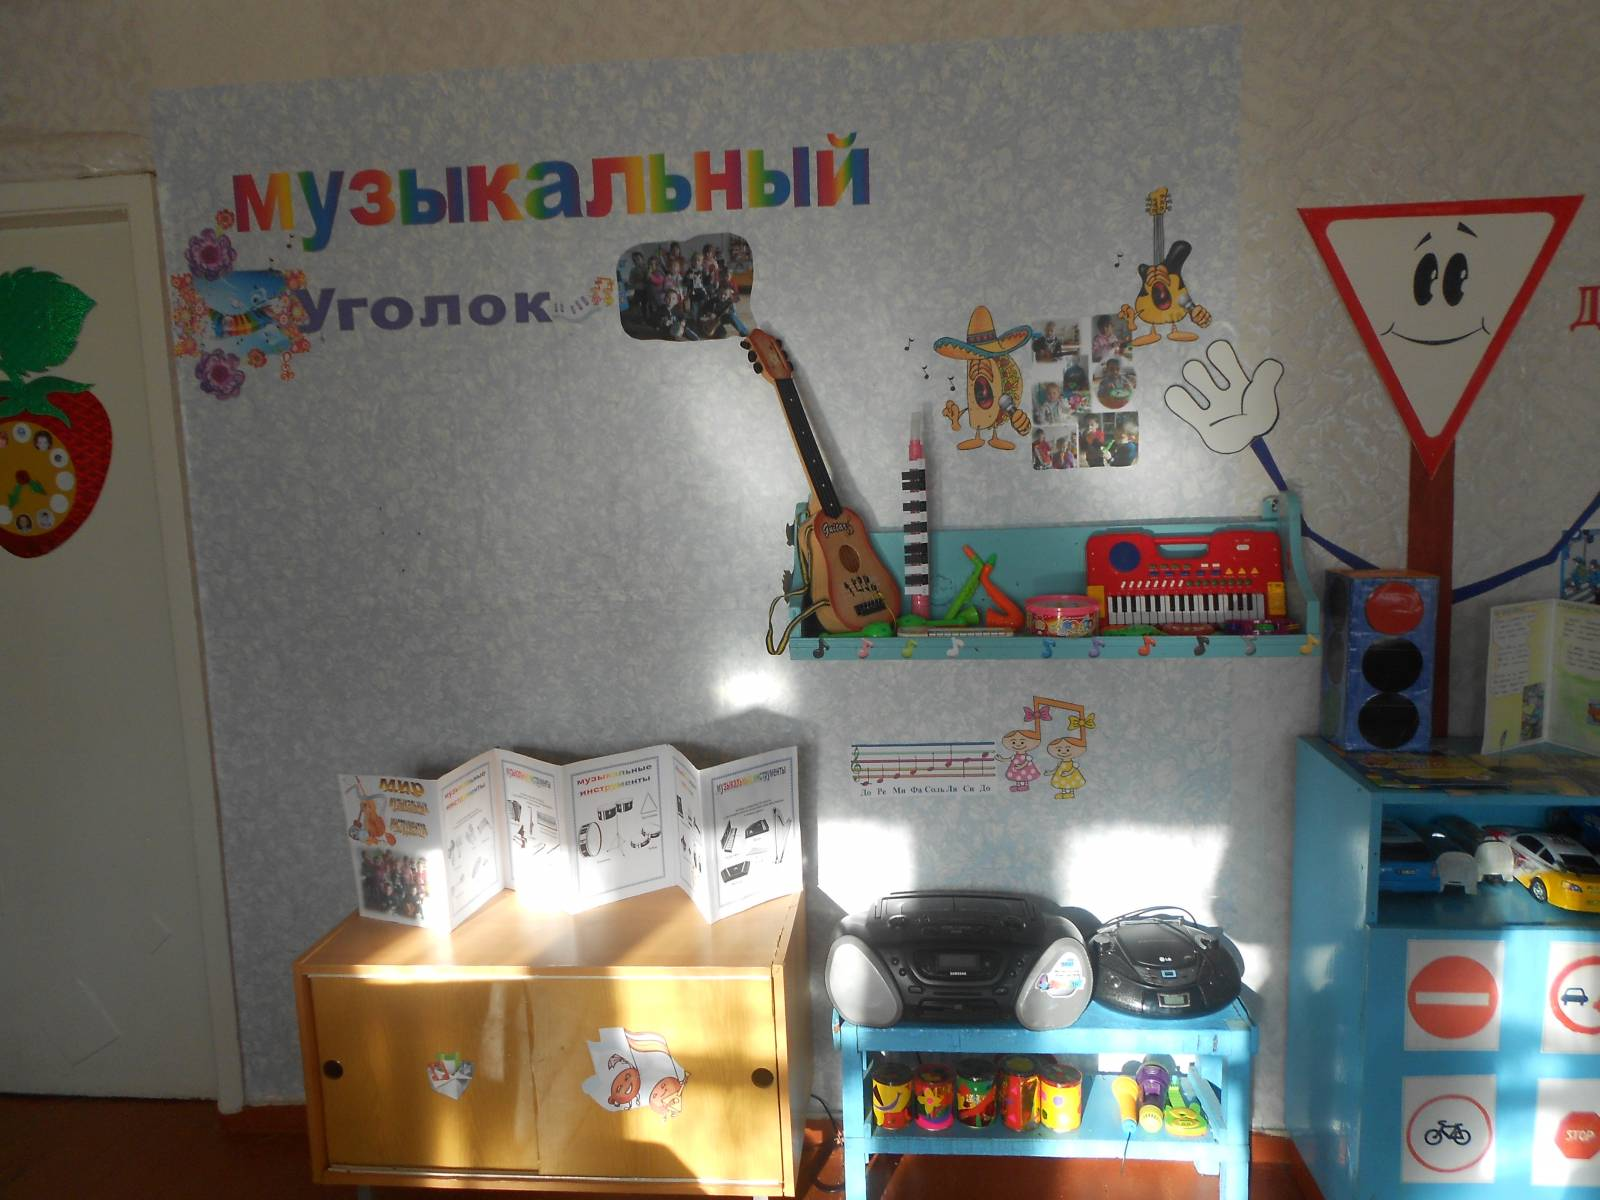 Музыкальный уголок своими руками в детском саду фото